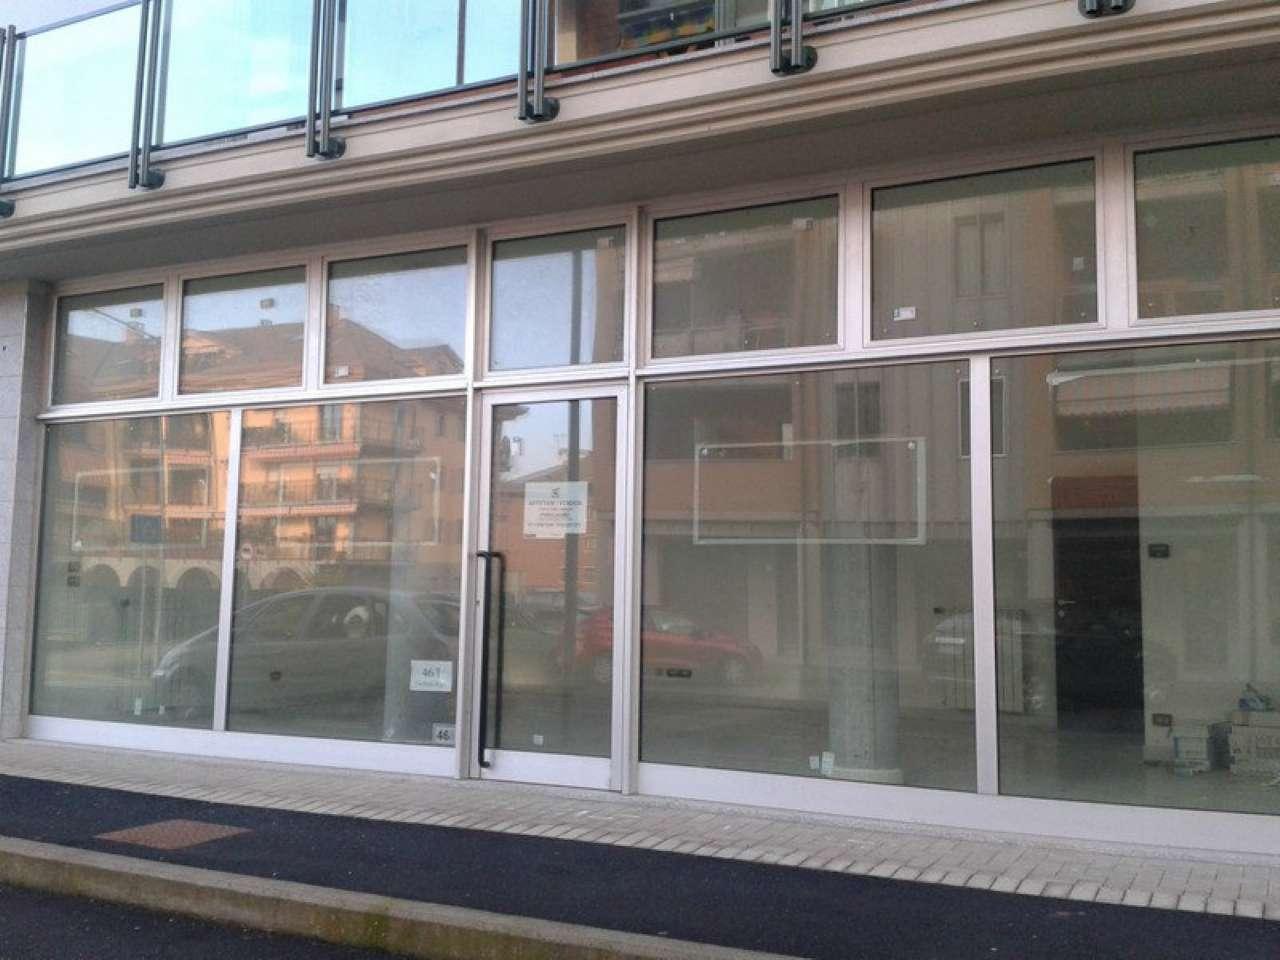 Negozio / Locale in affitto a Chivasso, 2 locali, prezzo € 600 | CambioCasa.it